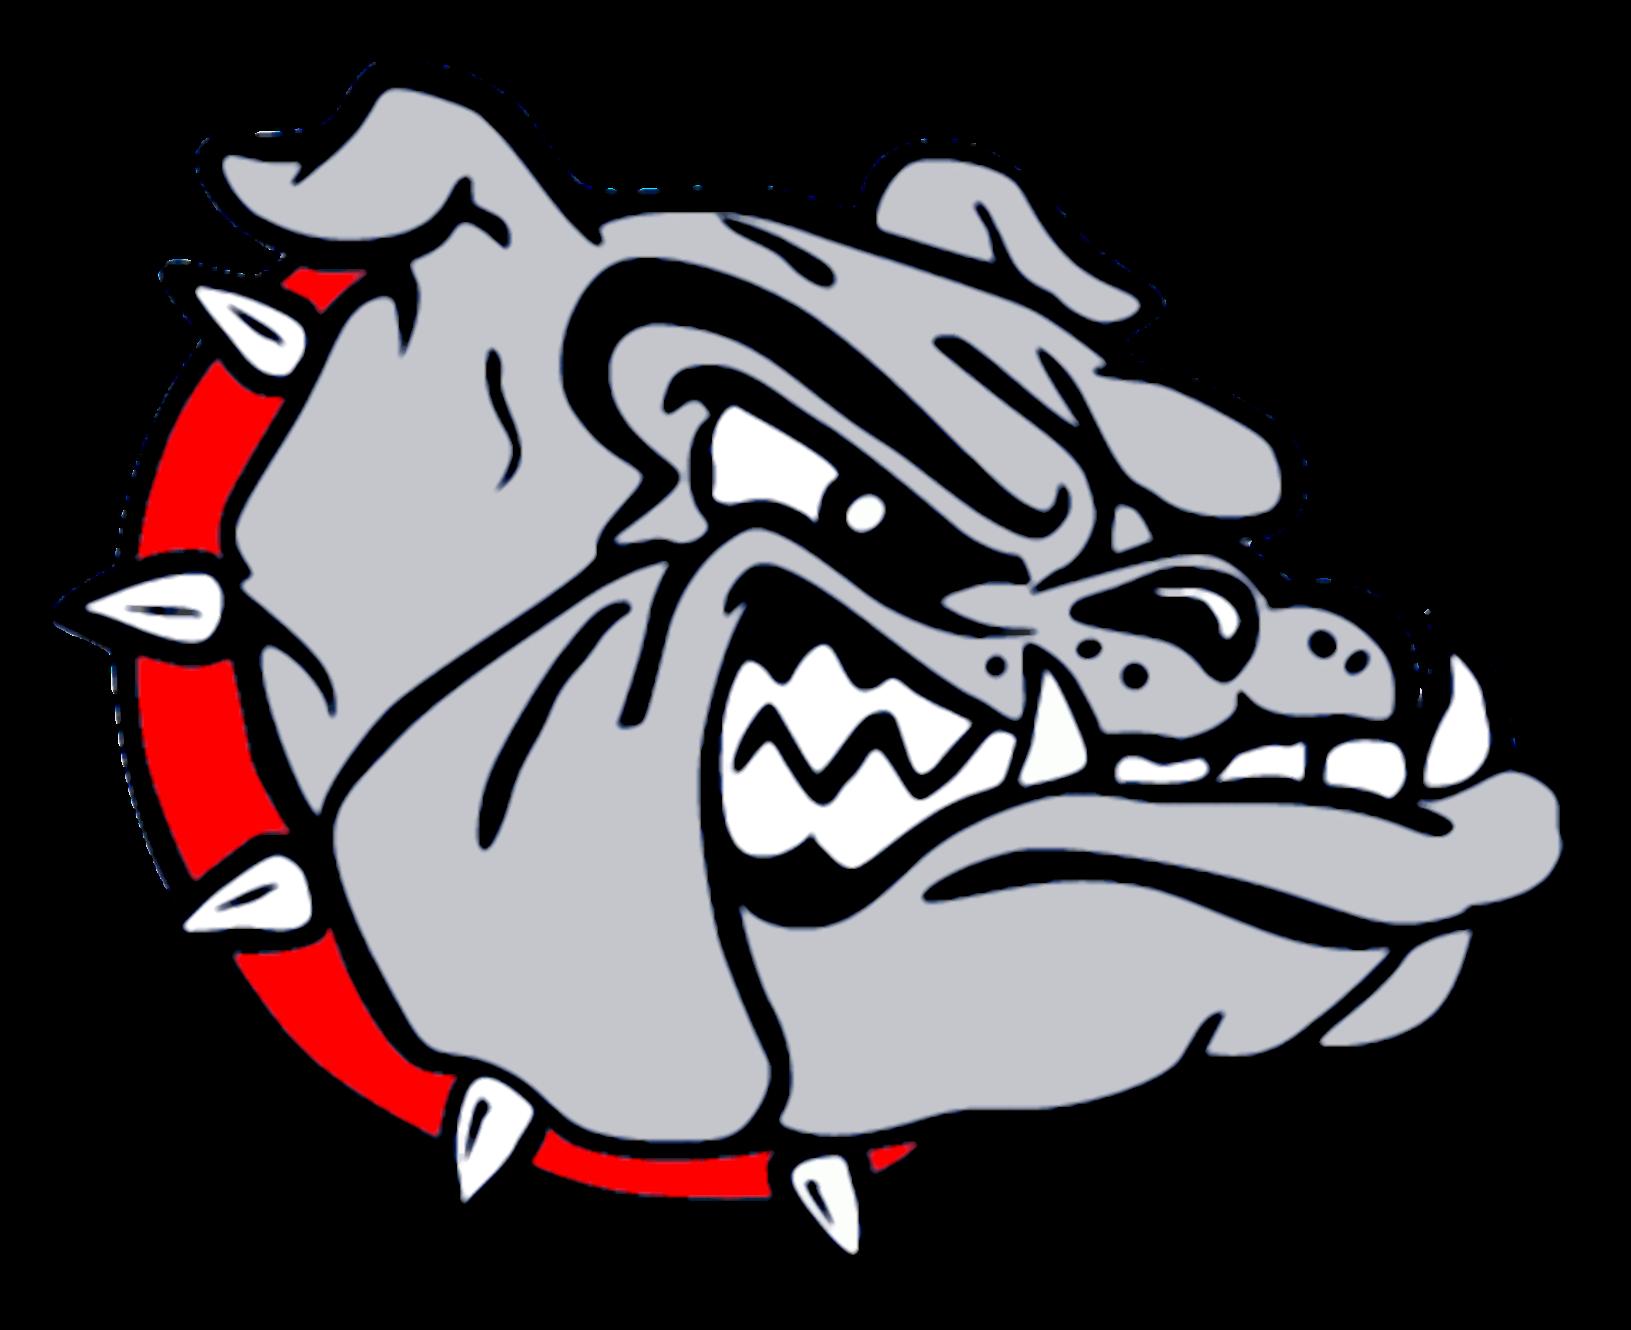 bulldog mascot clipart - Bulldog Clip Art